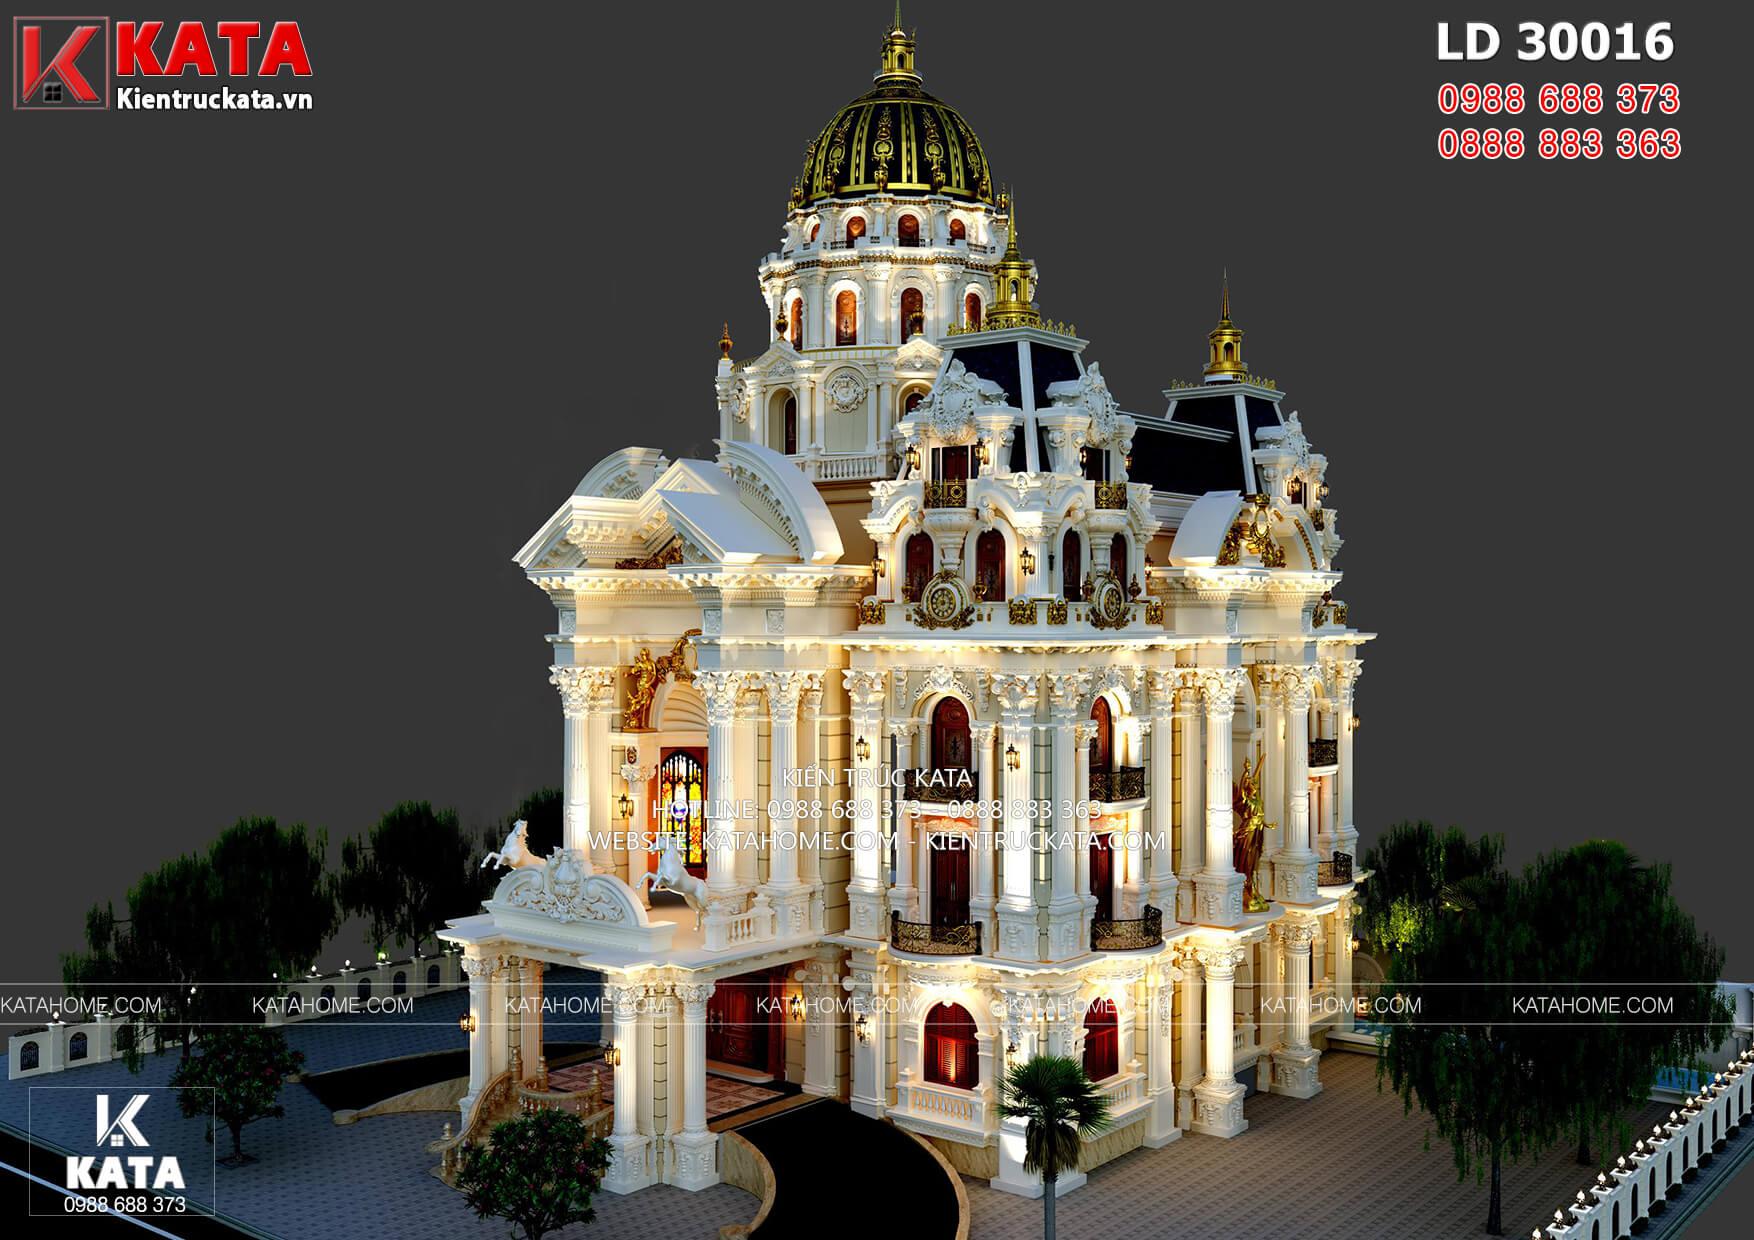 Dinh thự lâu đài 4 tầng tân cổ điển đẹp hút hồn – LD 30016